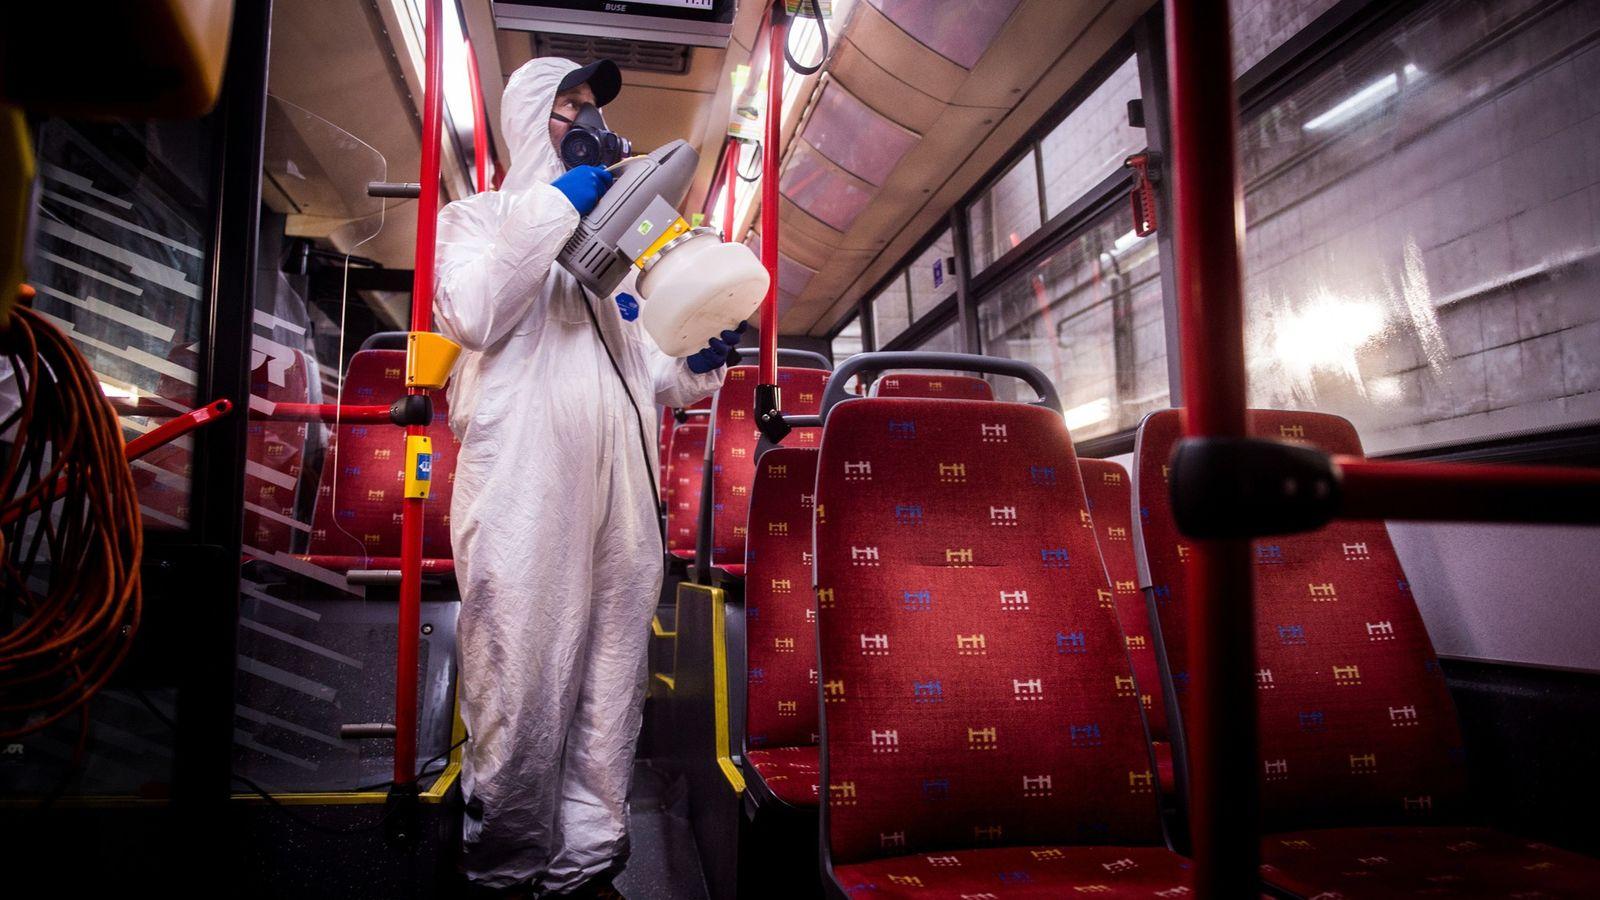 Funcionário com vestimenta de proteção desinfeta o interior de um ônibus público em uma estação de ...